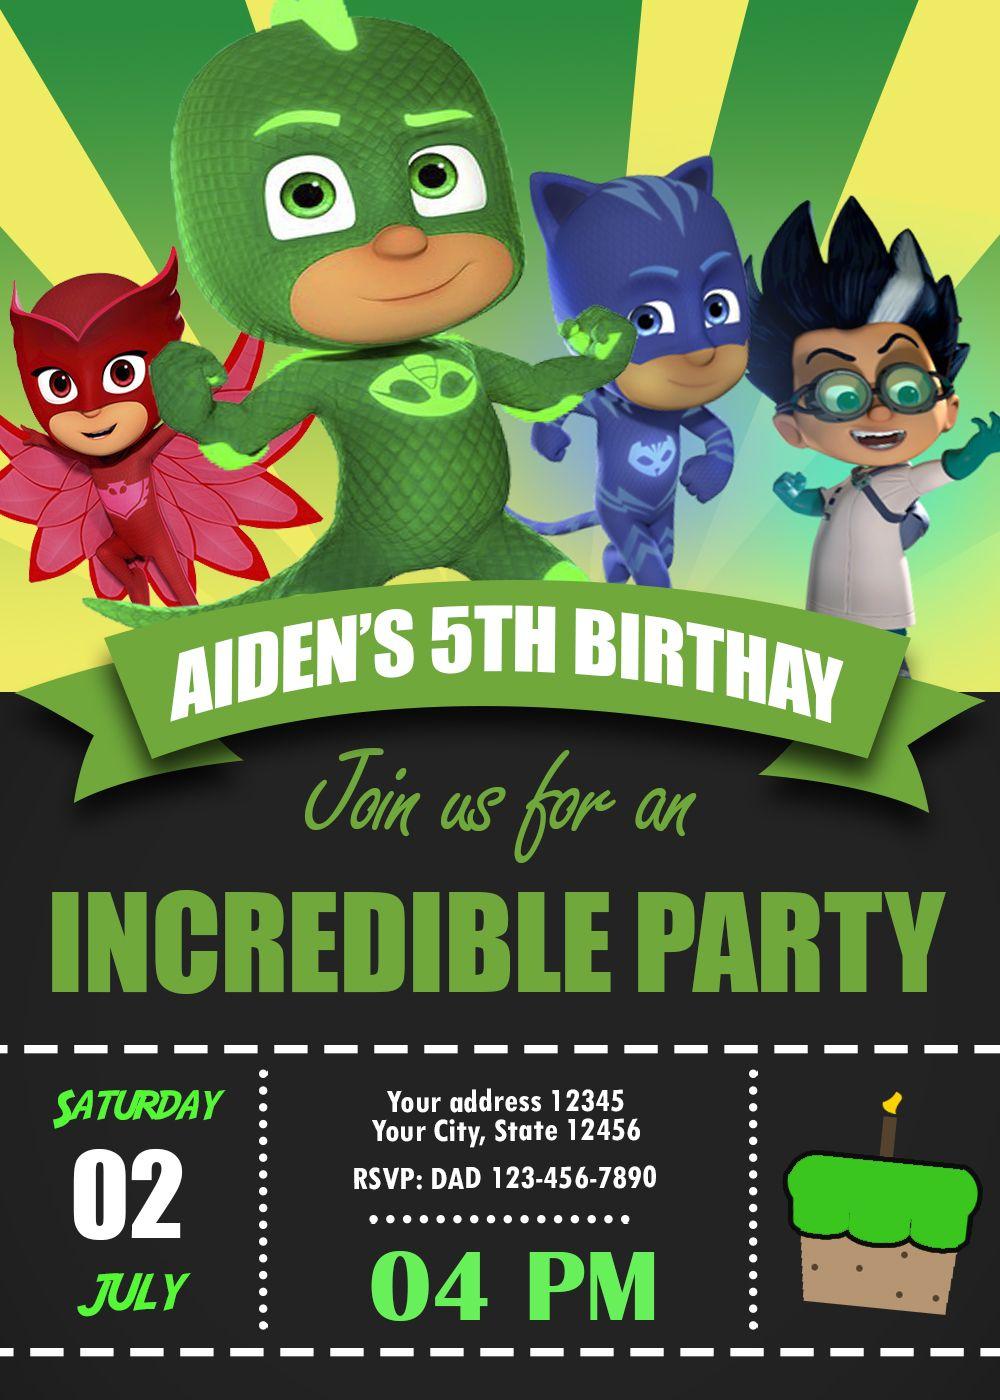 PJ MASKS BIRTHDAY PARTY INVITATION INVITE BIRTHDAYPARTY BIRTHDAYINVITATION